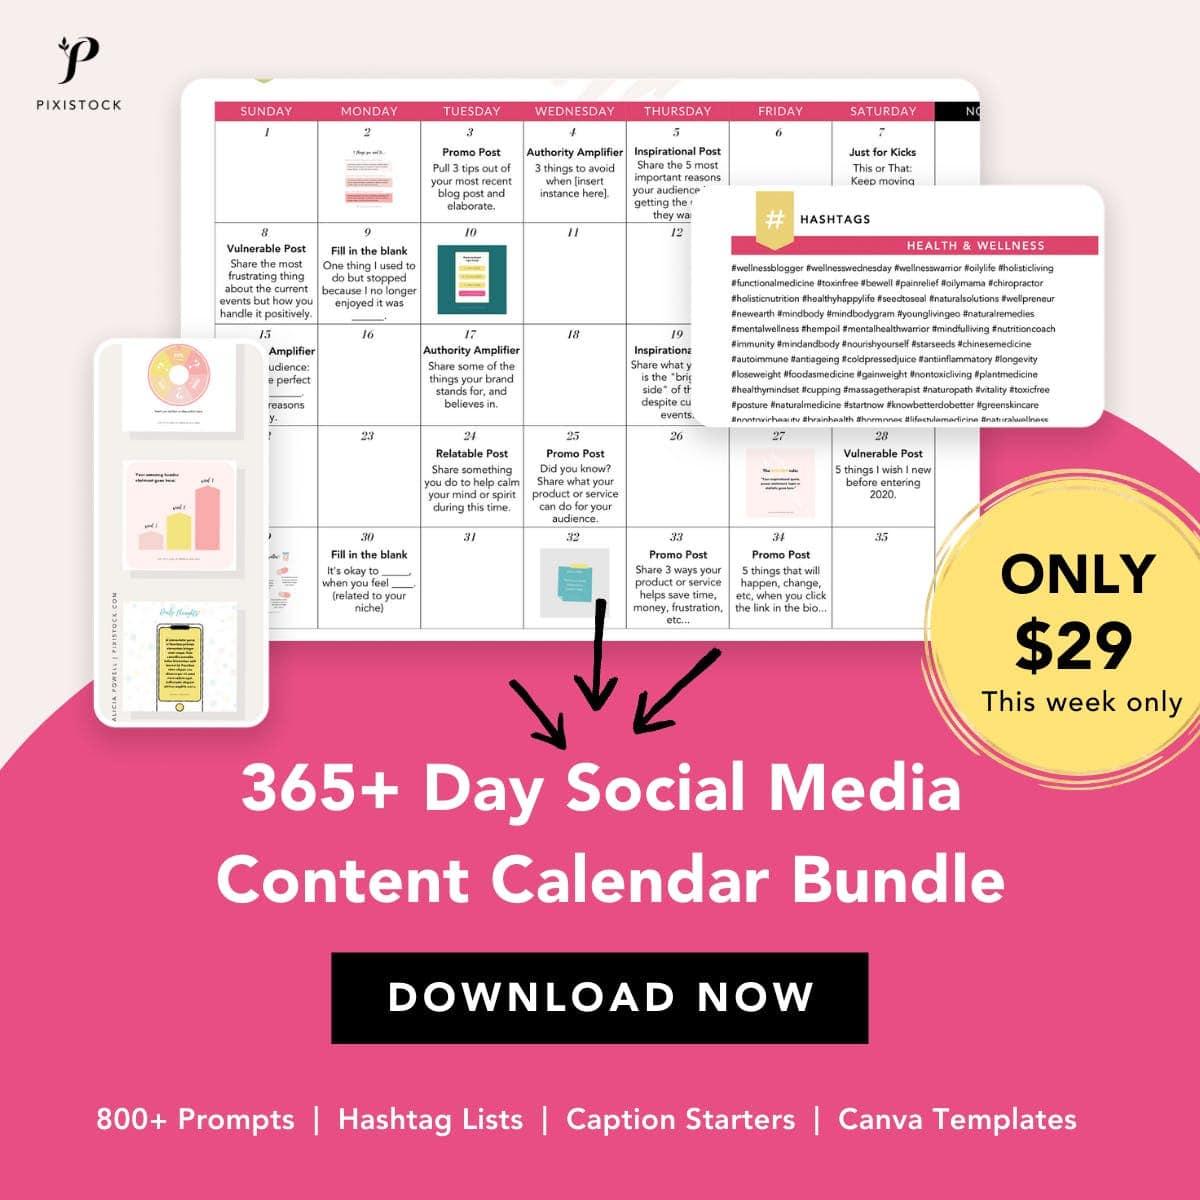 Pixistock social media content calendar